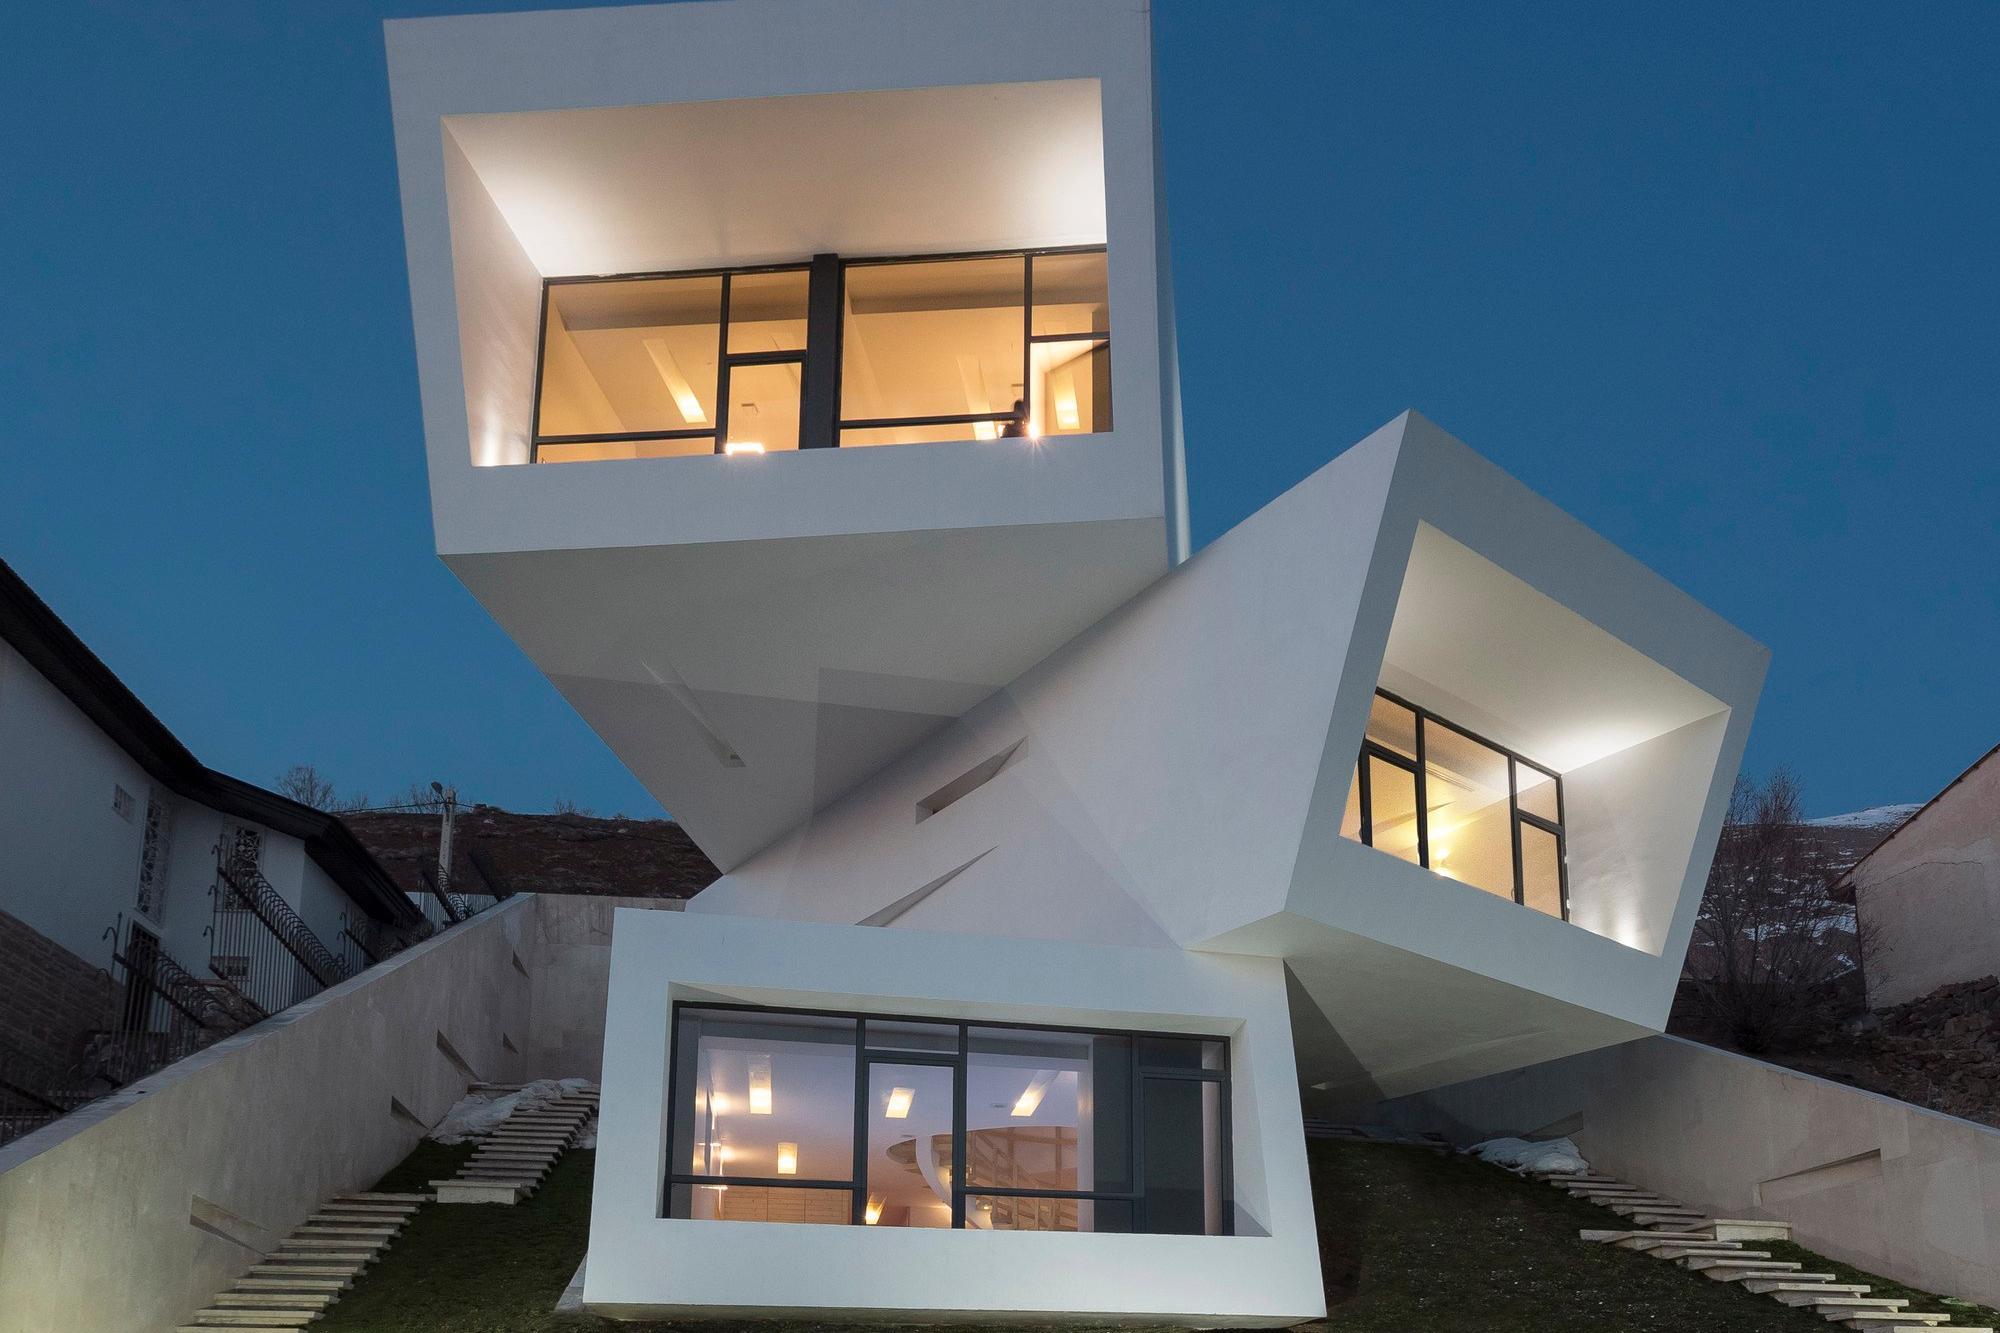 Punya Desain Megah Ini 9 Rumah Terindah di Dunia